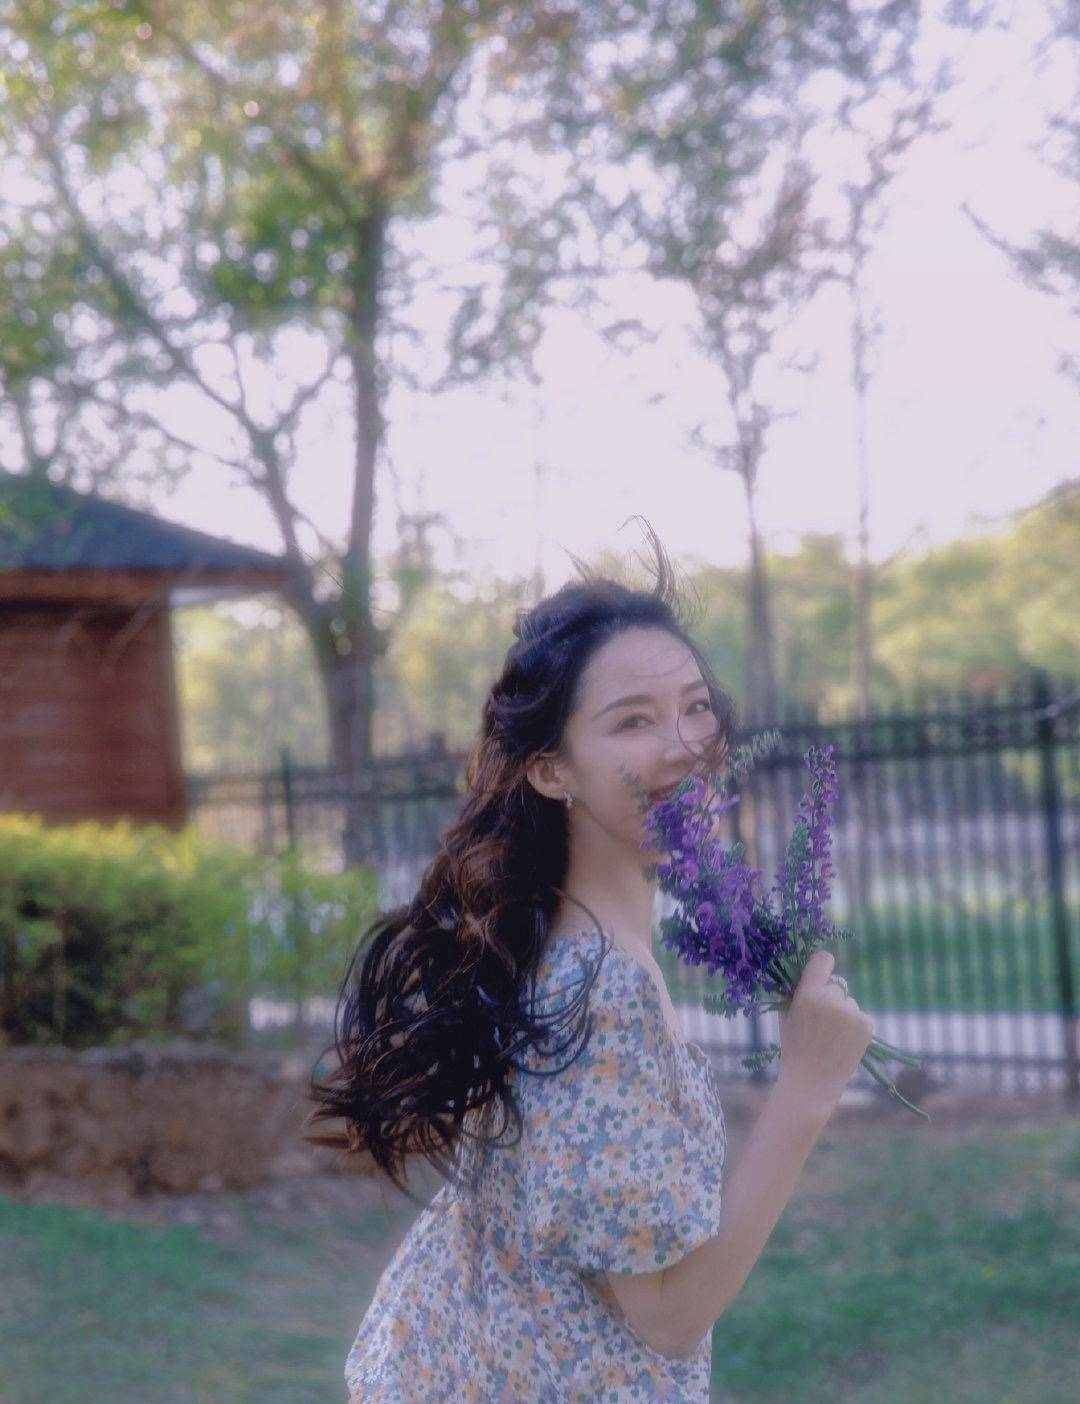 5月李沁带你体验春末初夏,碎花连衣裙手握野花边跑边笑,治愈系仙女